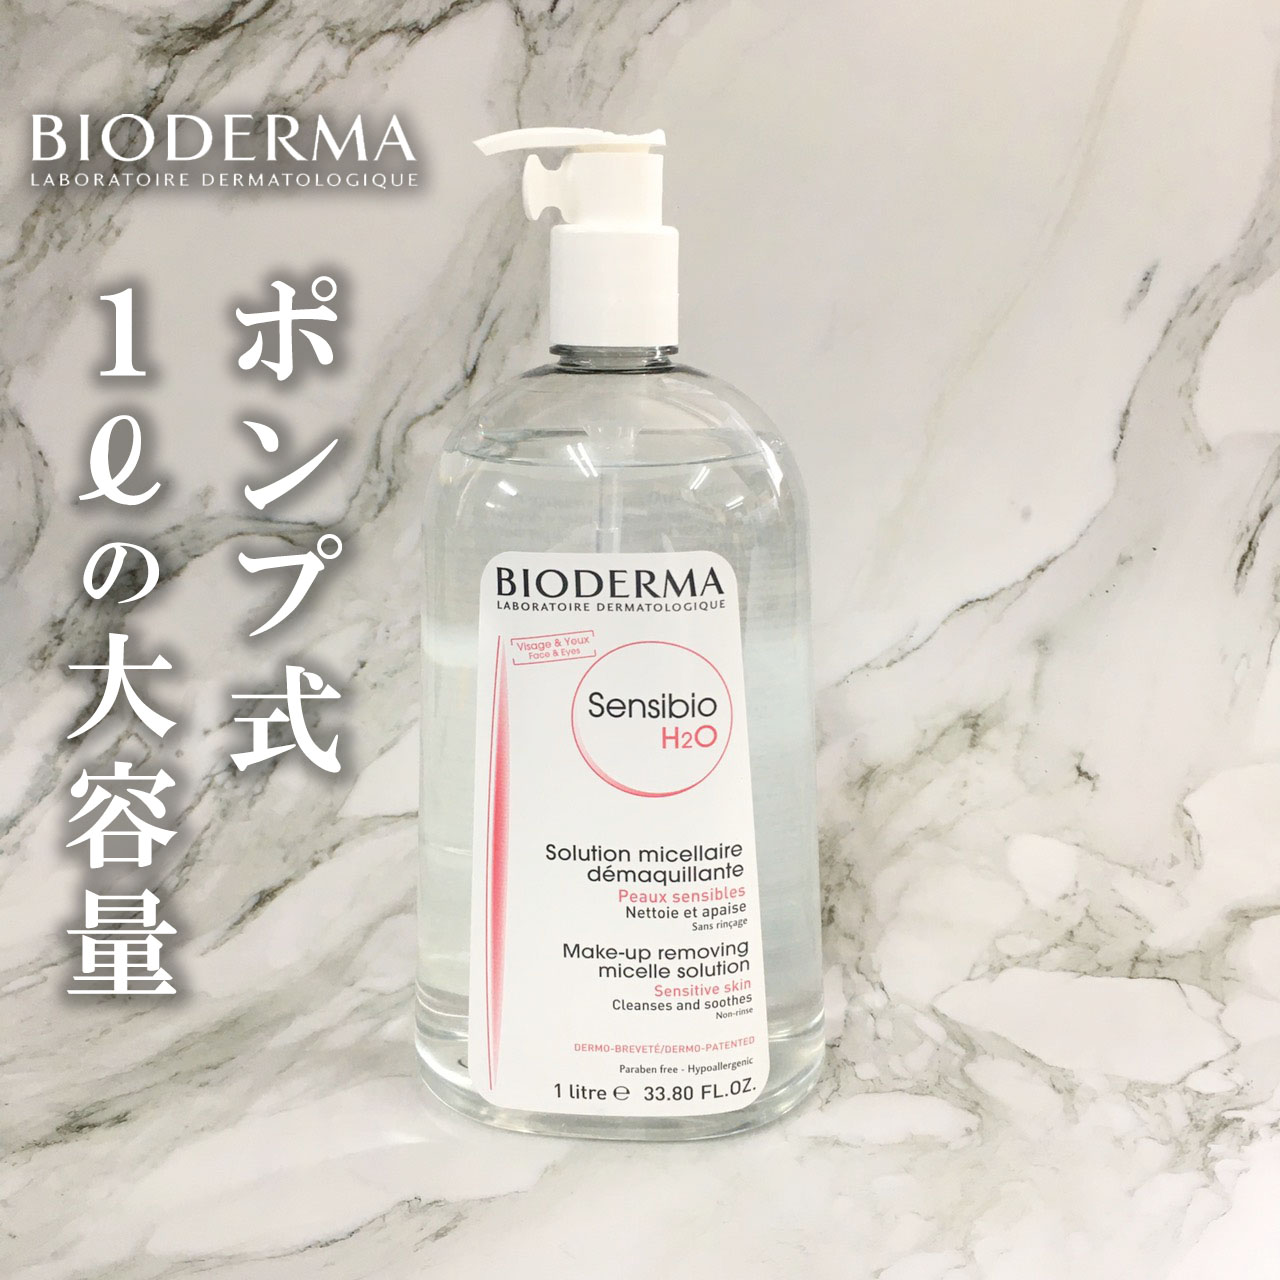 新発売 バリア機能が低下してちょっとした刺激にも 豊富な品 優しく手軽にケア ビオデルマ BIODERMA サンシビオ エイチツーオー 並行輸入品 1000mL 洗顔 D ビッグボトル クレンジング水